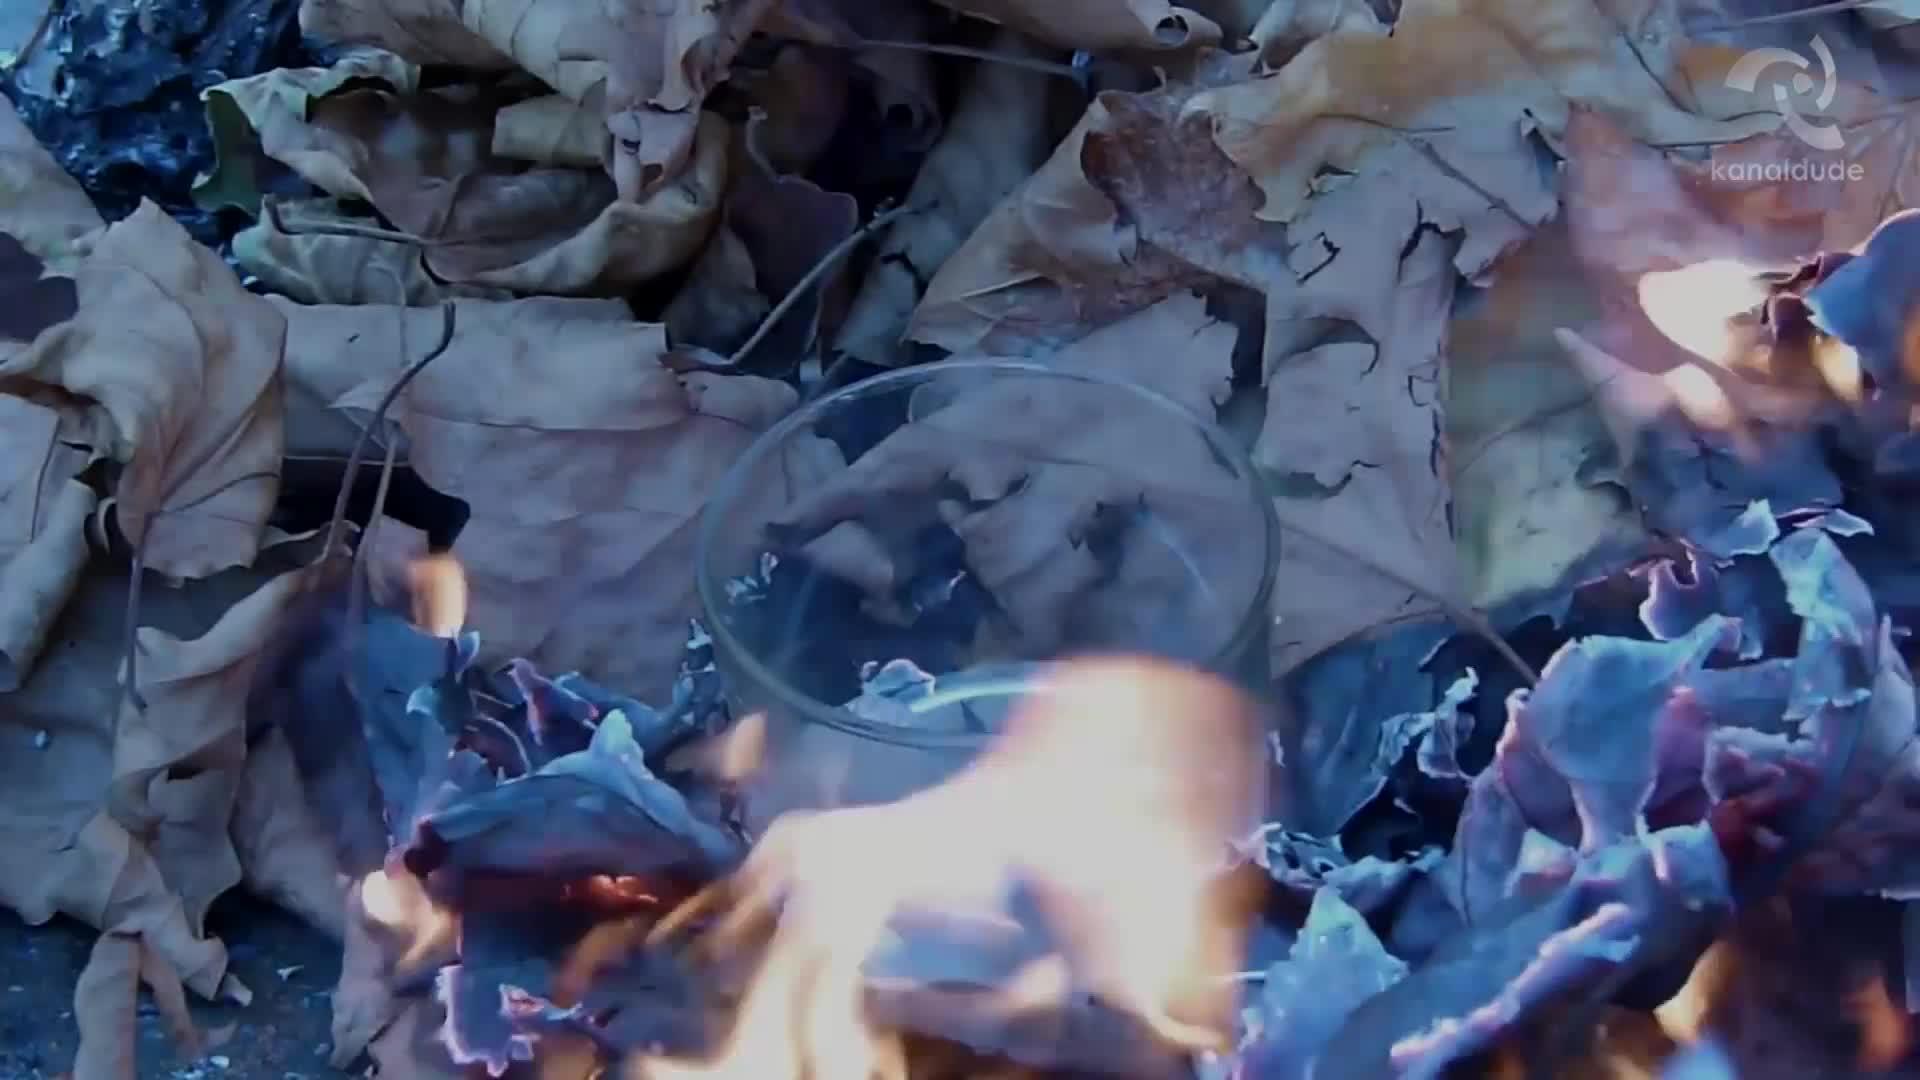 Kliklap filma labur lehiaketa: aurtengo gaia Ura